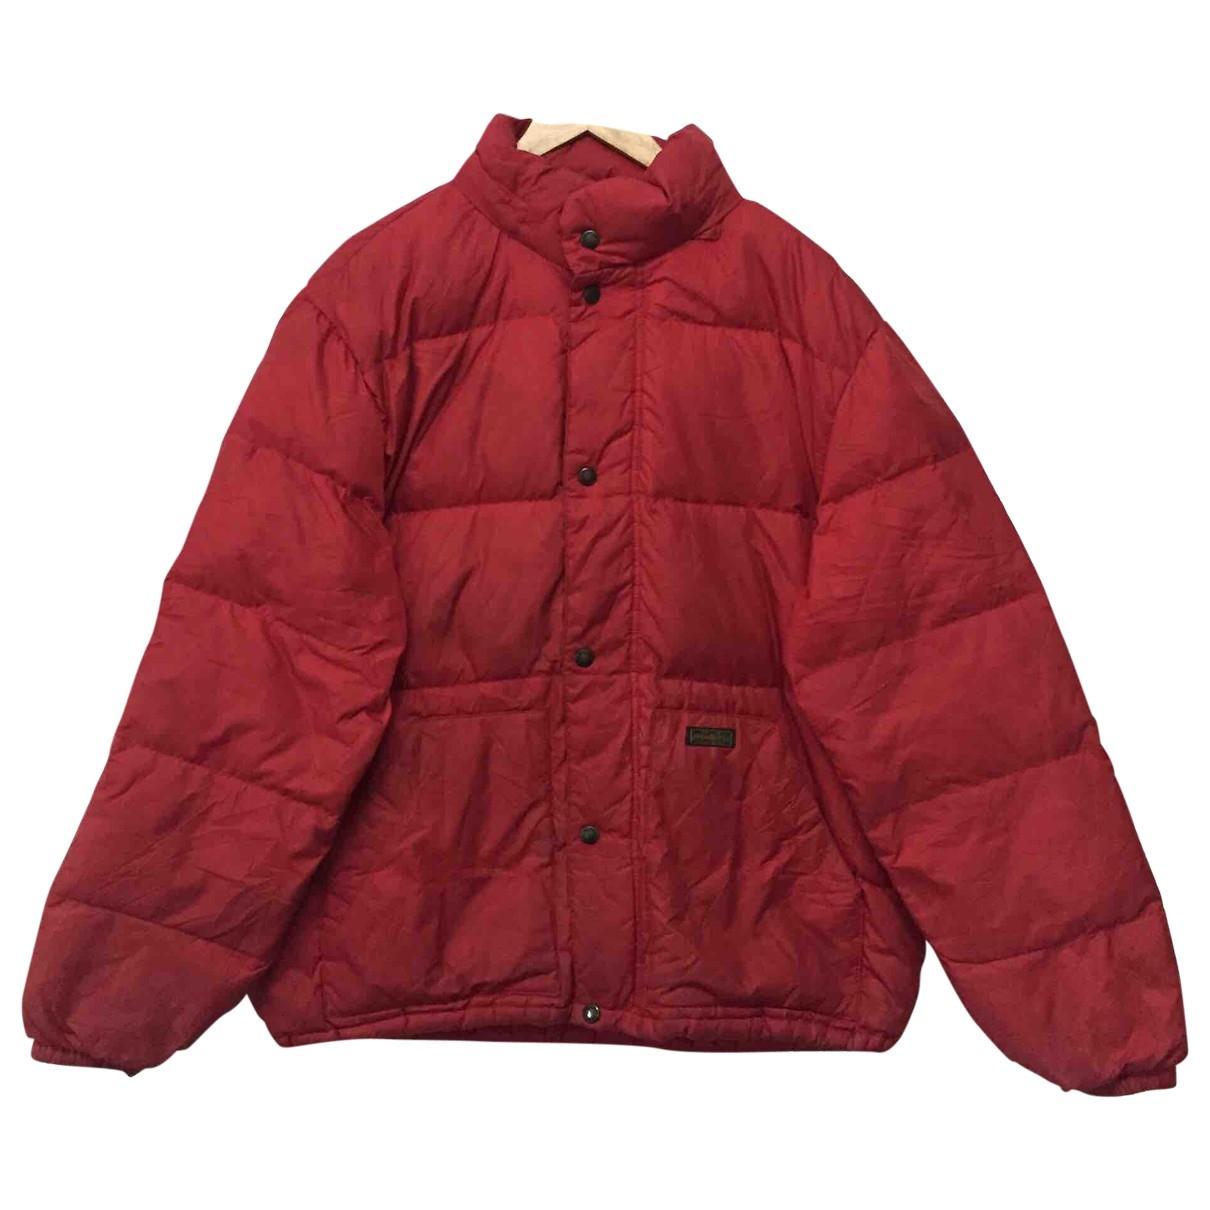 Polo Ralph Lauren - Vestes.Blousons   pour homme en autre - rouge